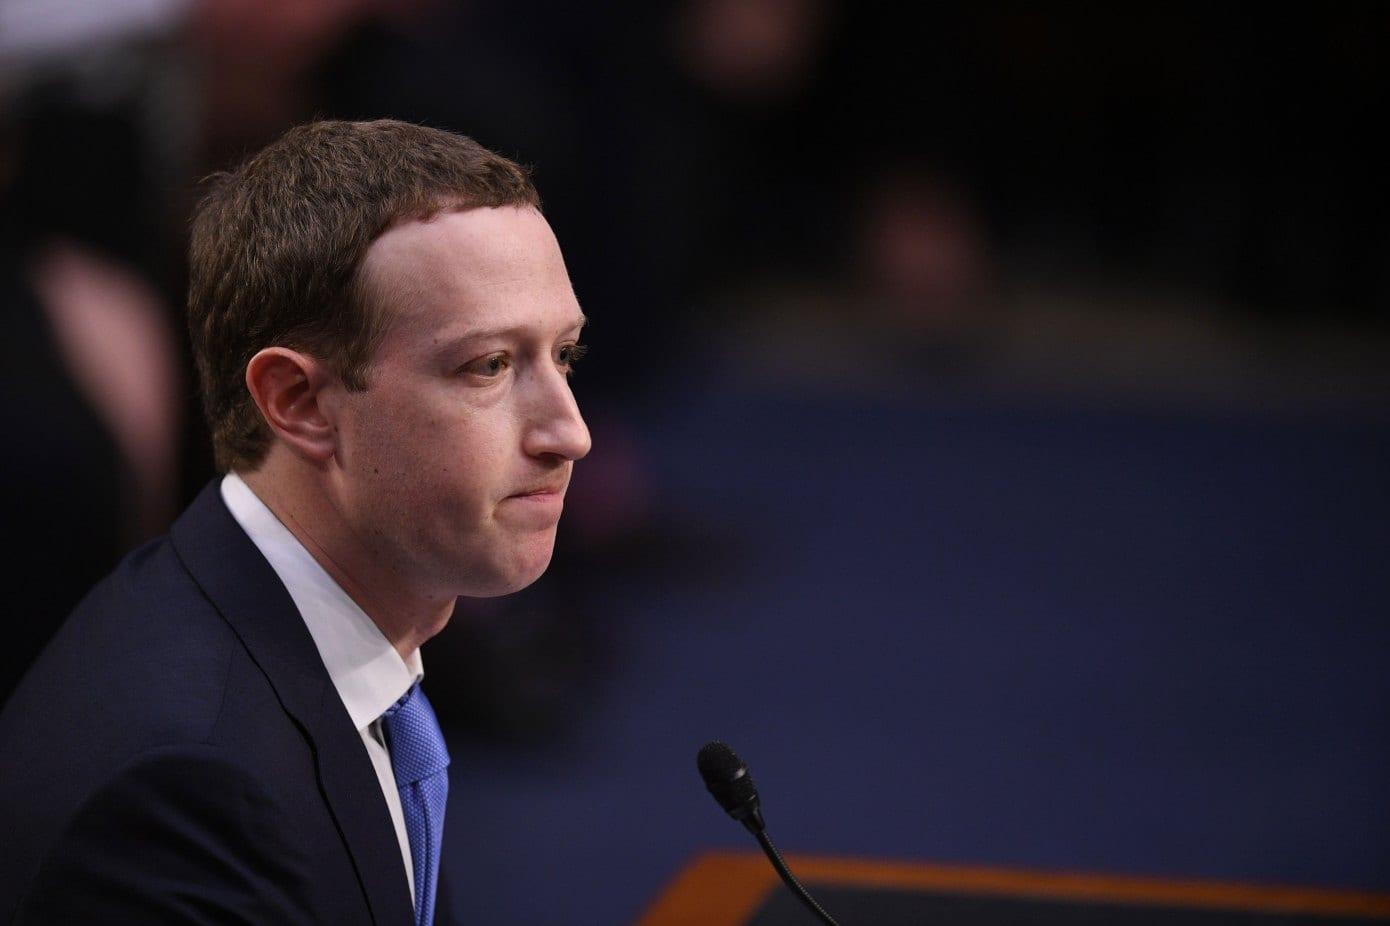 Il Comitato di Facebook chiede a internet che fare di Donald Trump